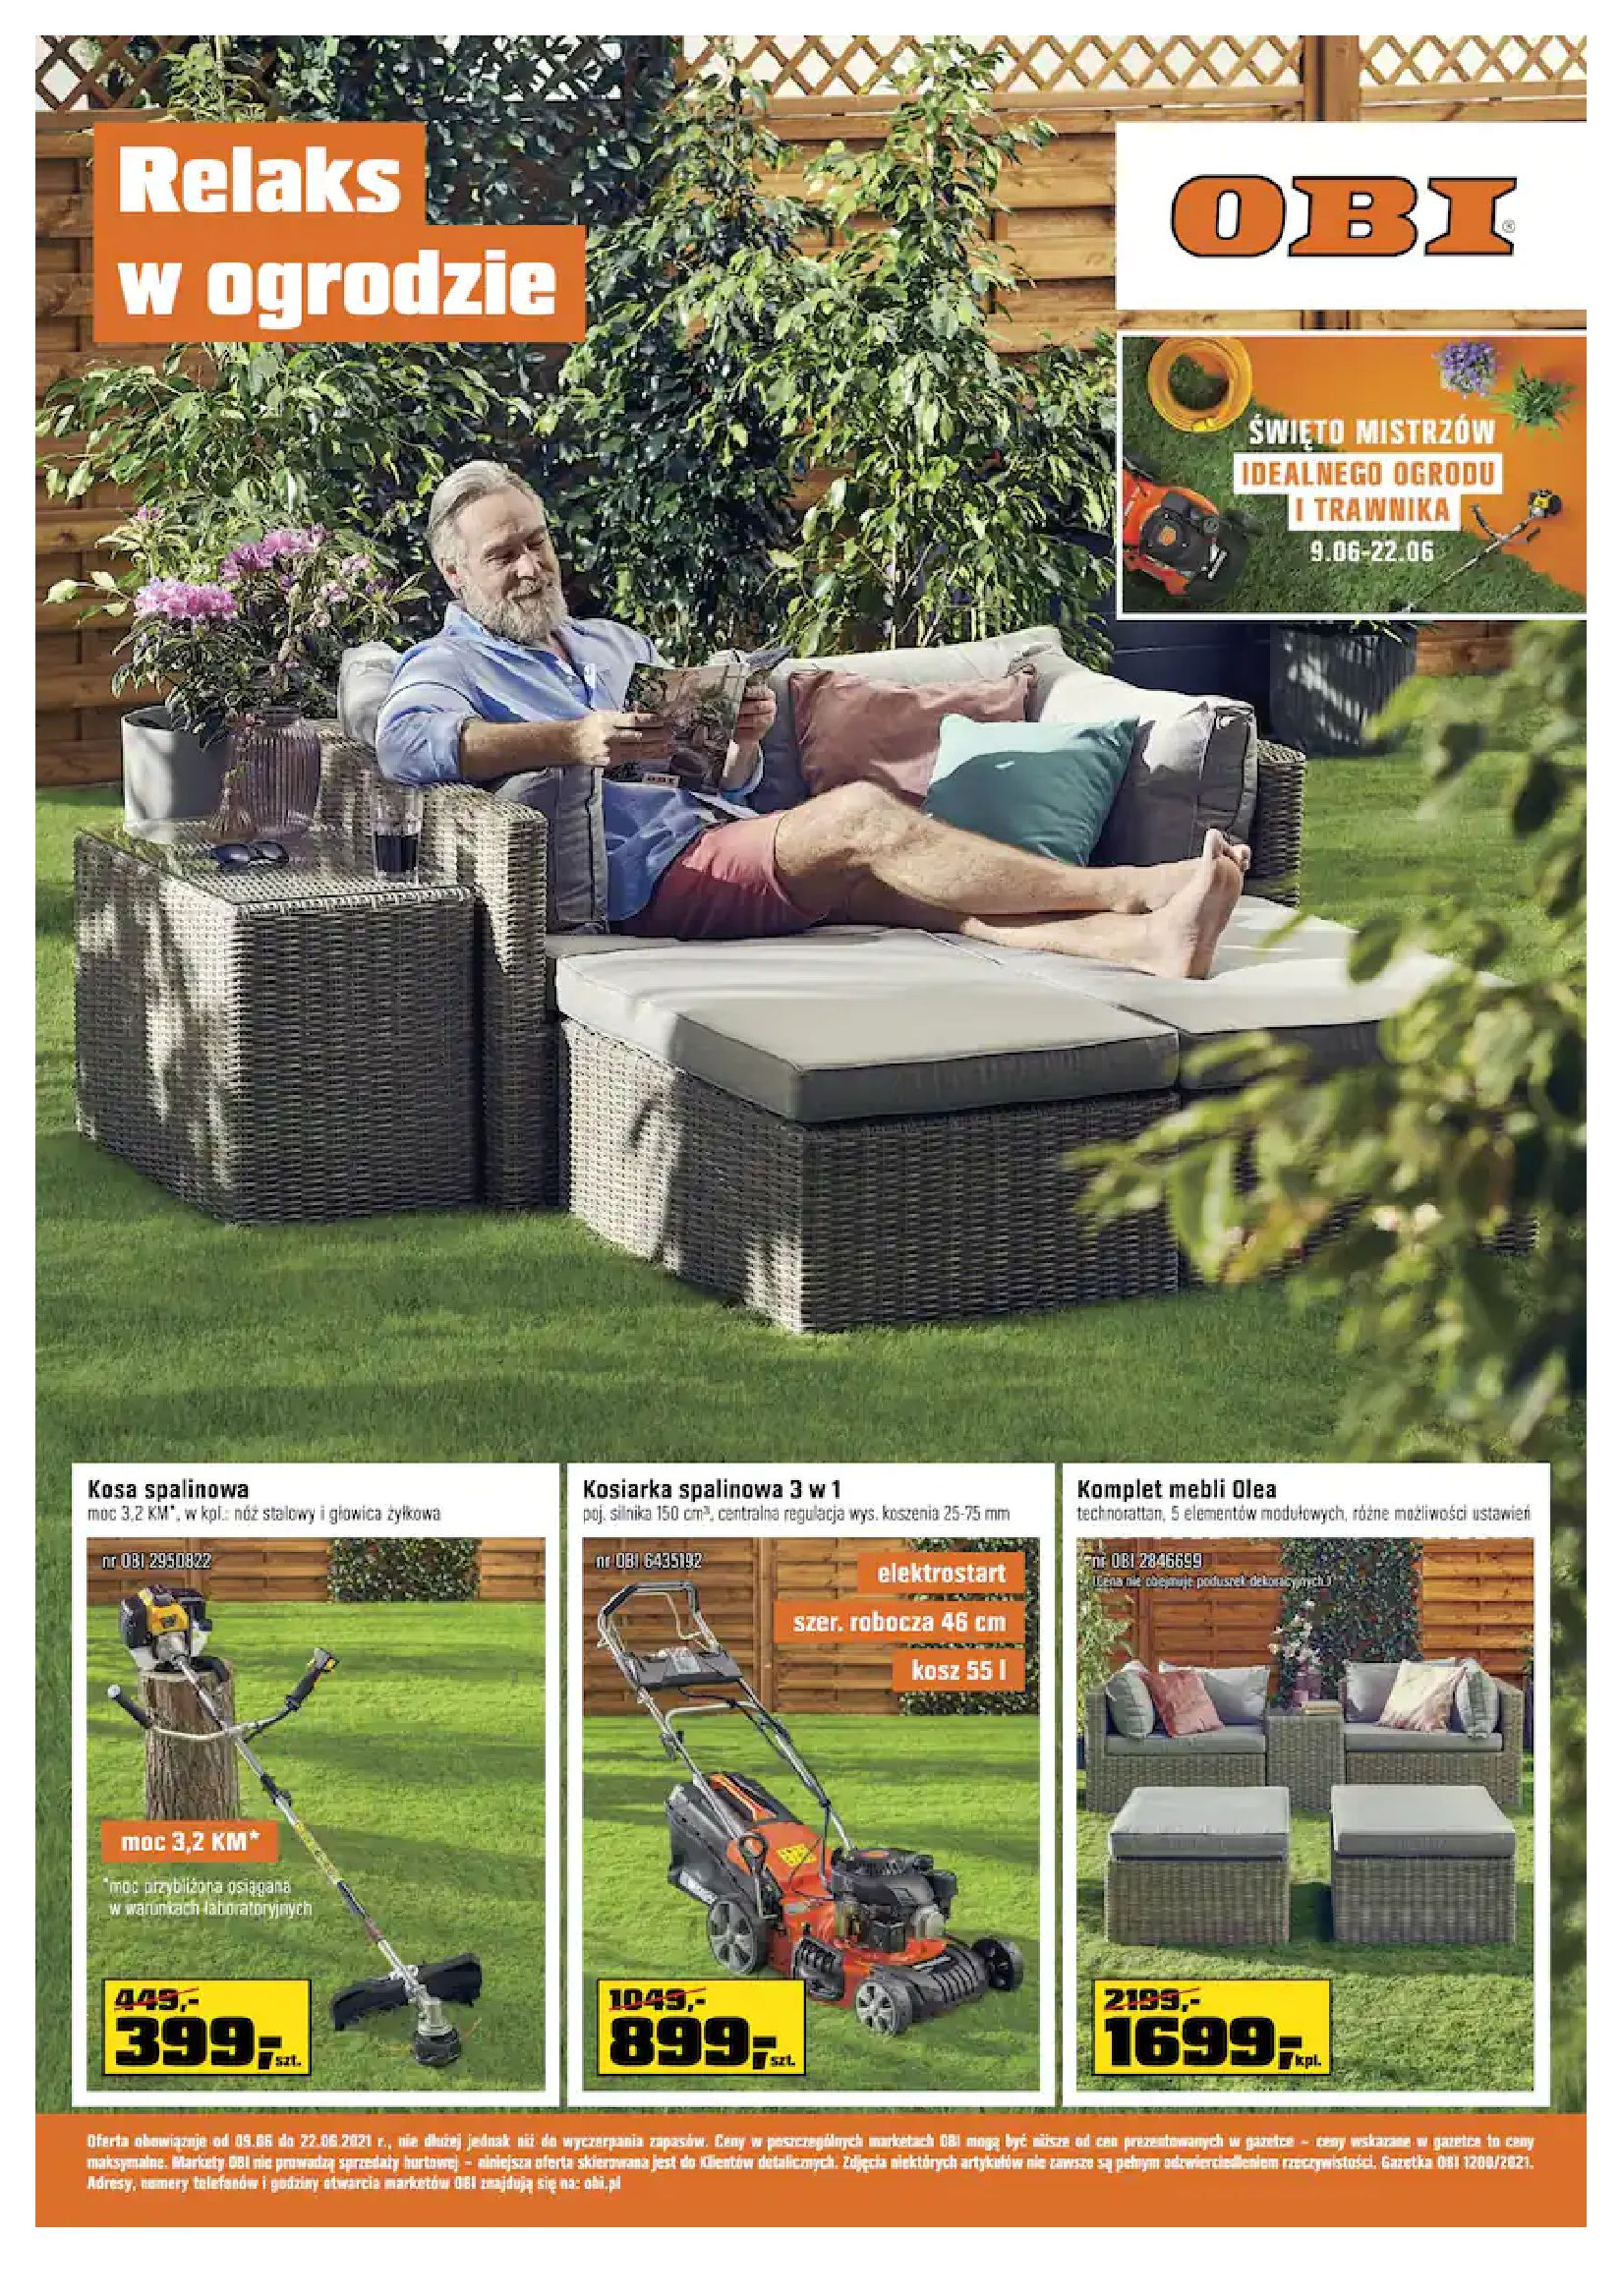 OBI:  Gazetka OBI - Relaks w ogrodzie 08.06.2021